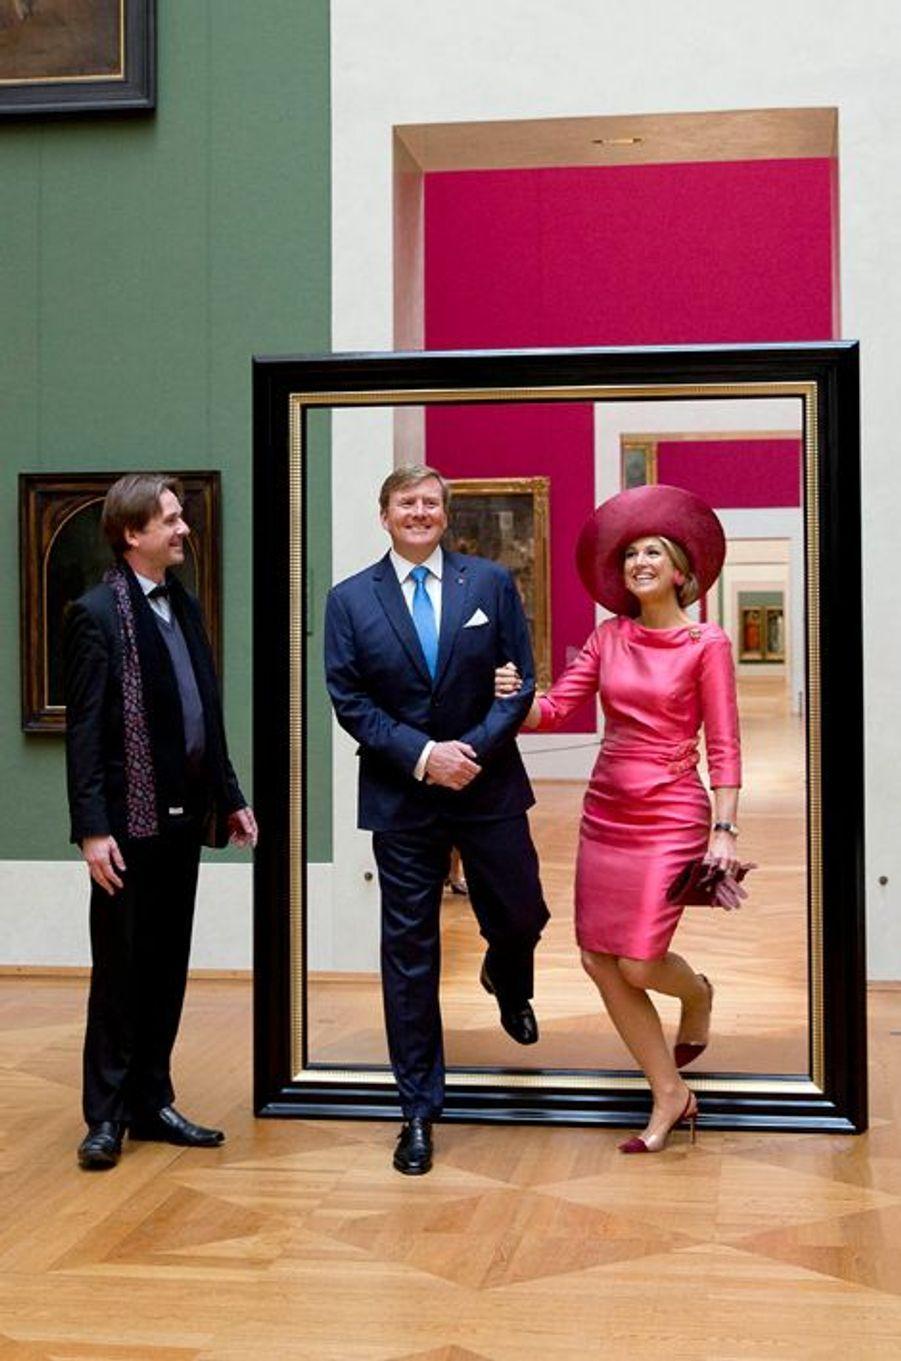 La reine Maxima et le roi Willem-Alexander des Pays-Bas à la Alte Pinakothek à Munich, le 13 avril 2016